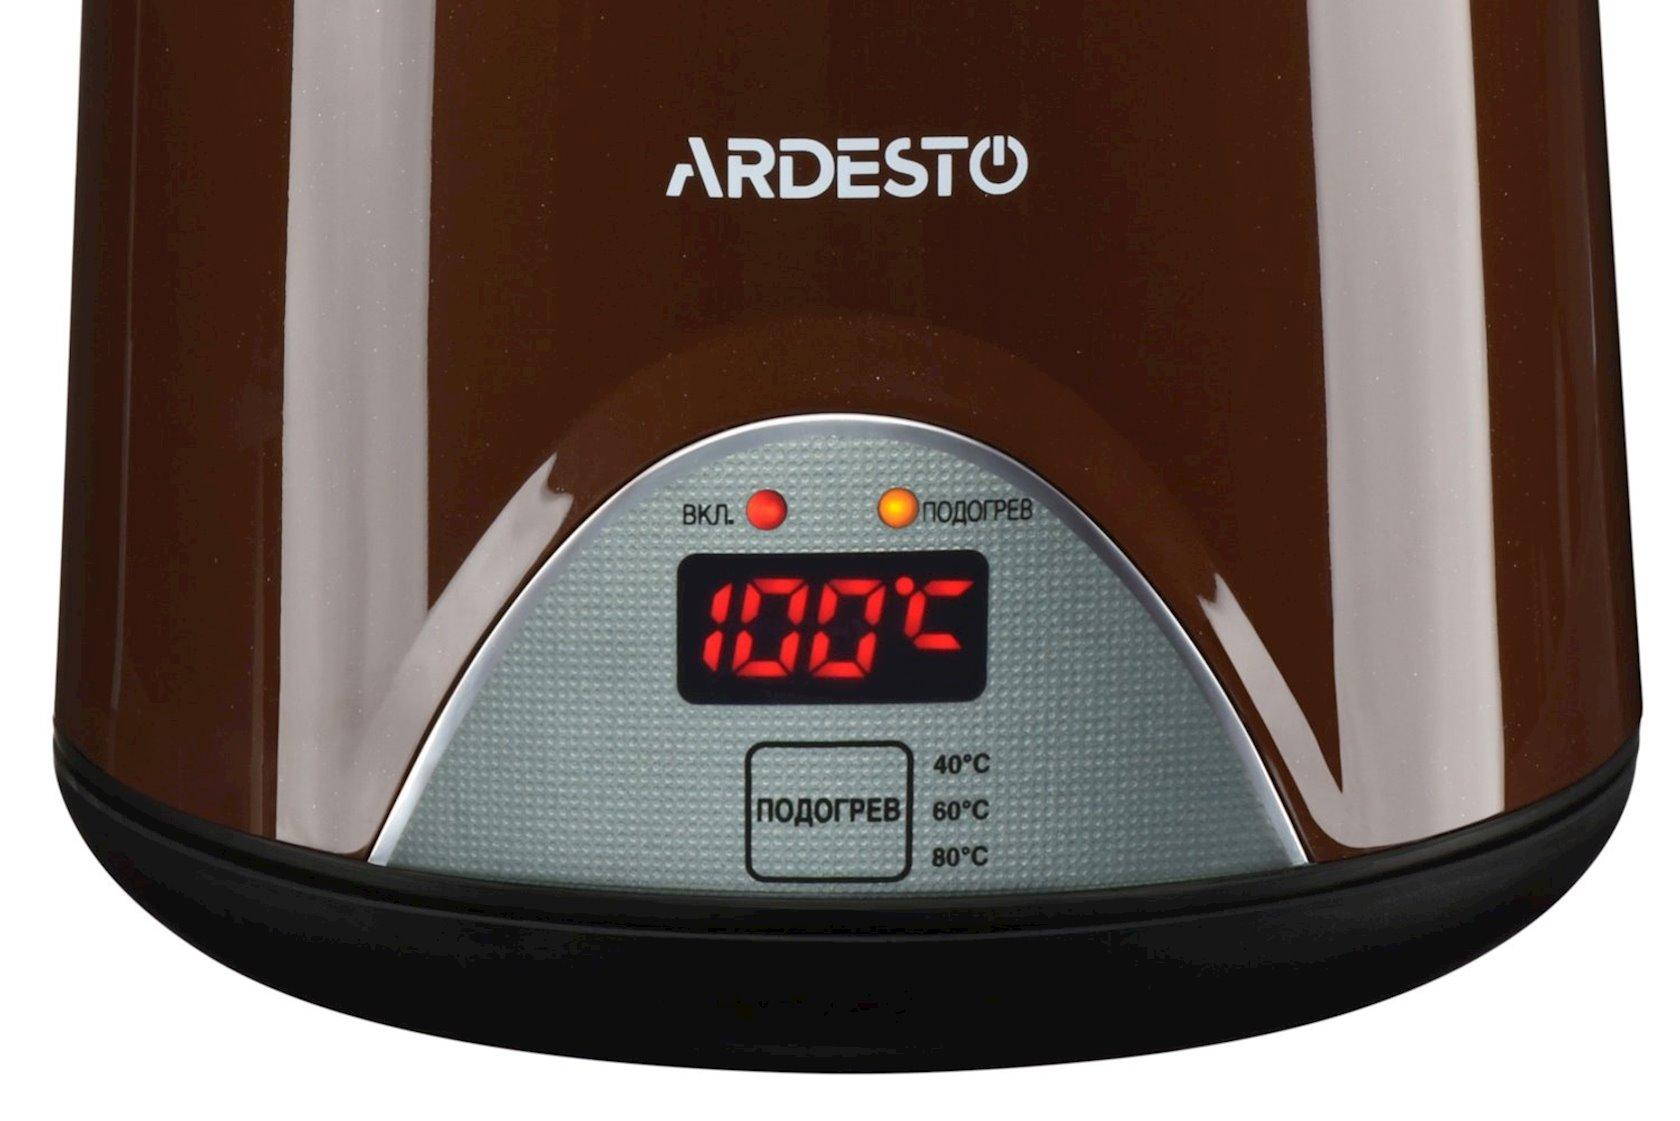 Elektrikli çaydan Ardesto EKL-1617BN